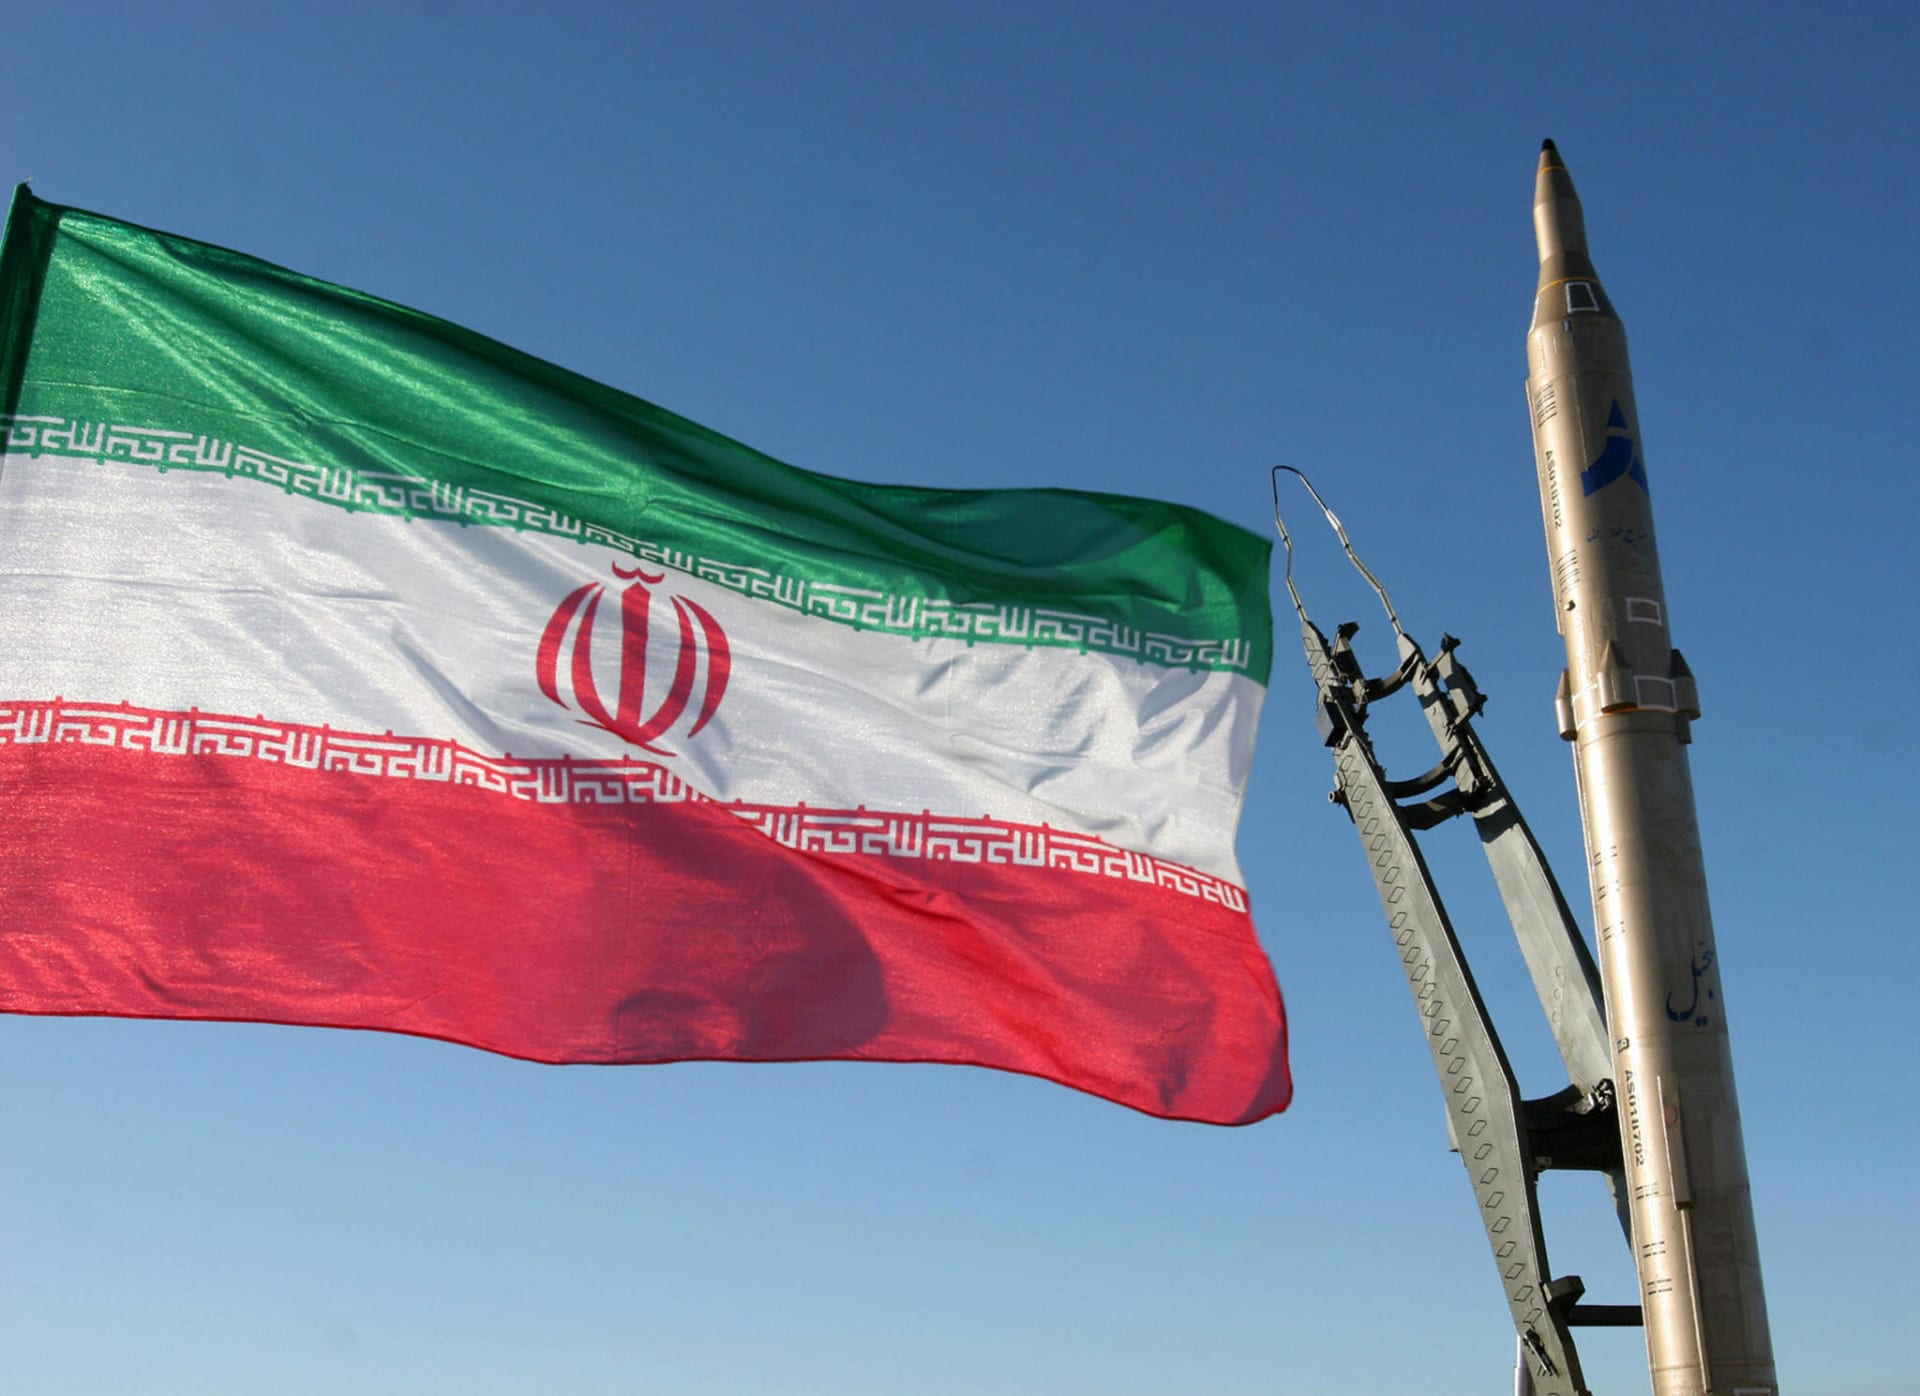 إيران ترد على إعادة أمريكا تطبيق العقوبات المرفوعة بحقها: إجراء لا أثر له